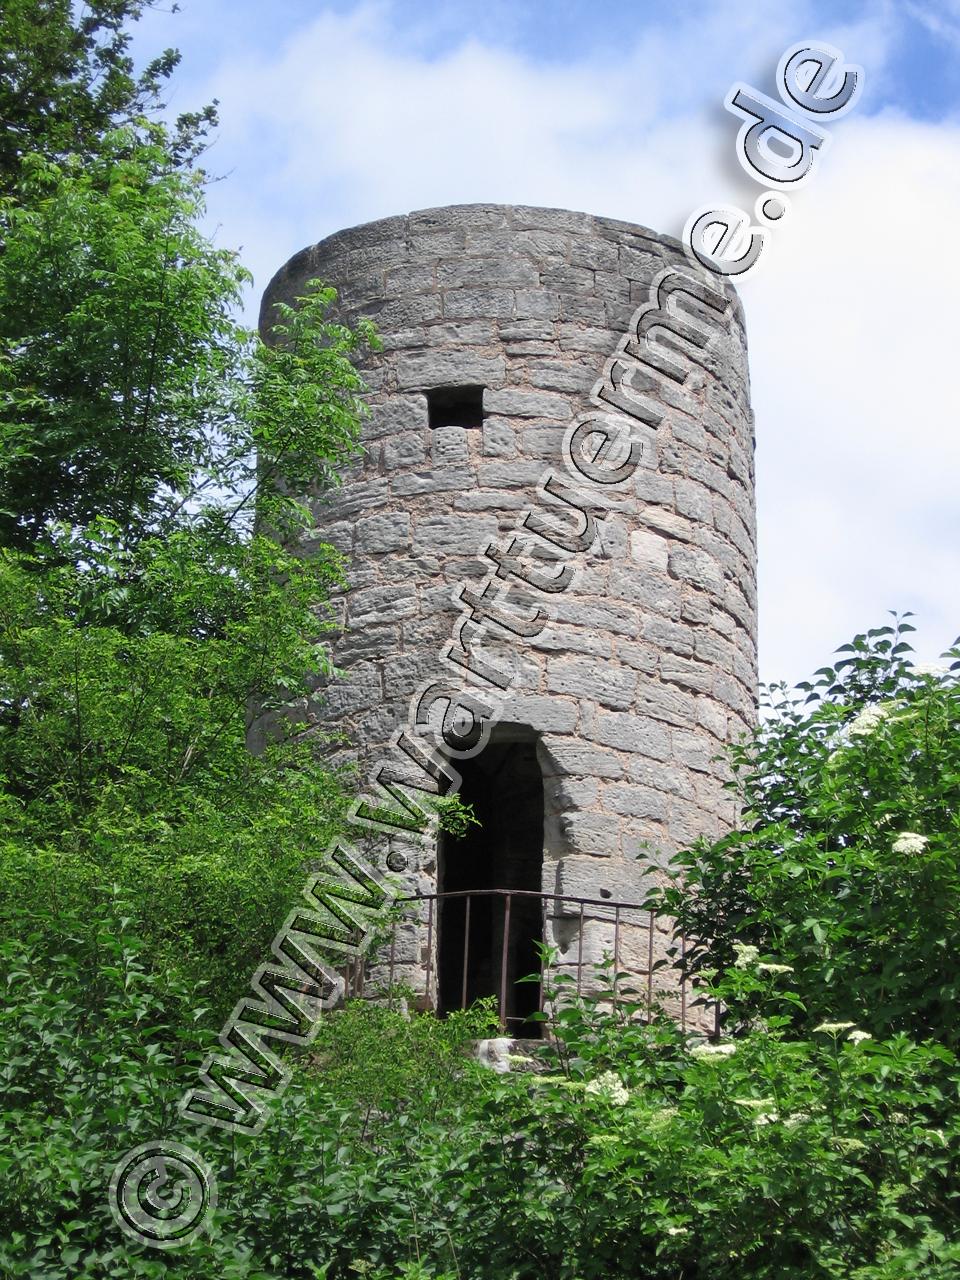 klausbergturm-1280px